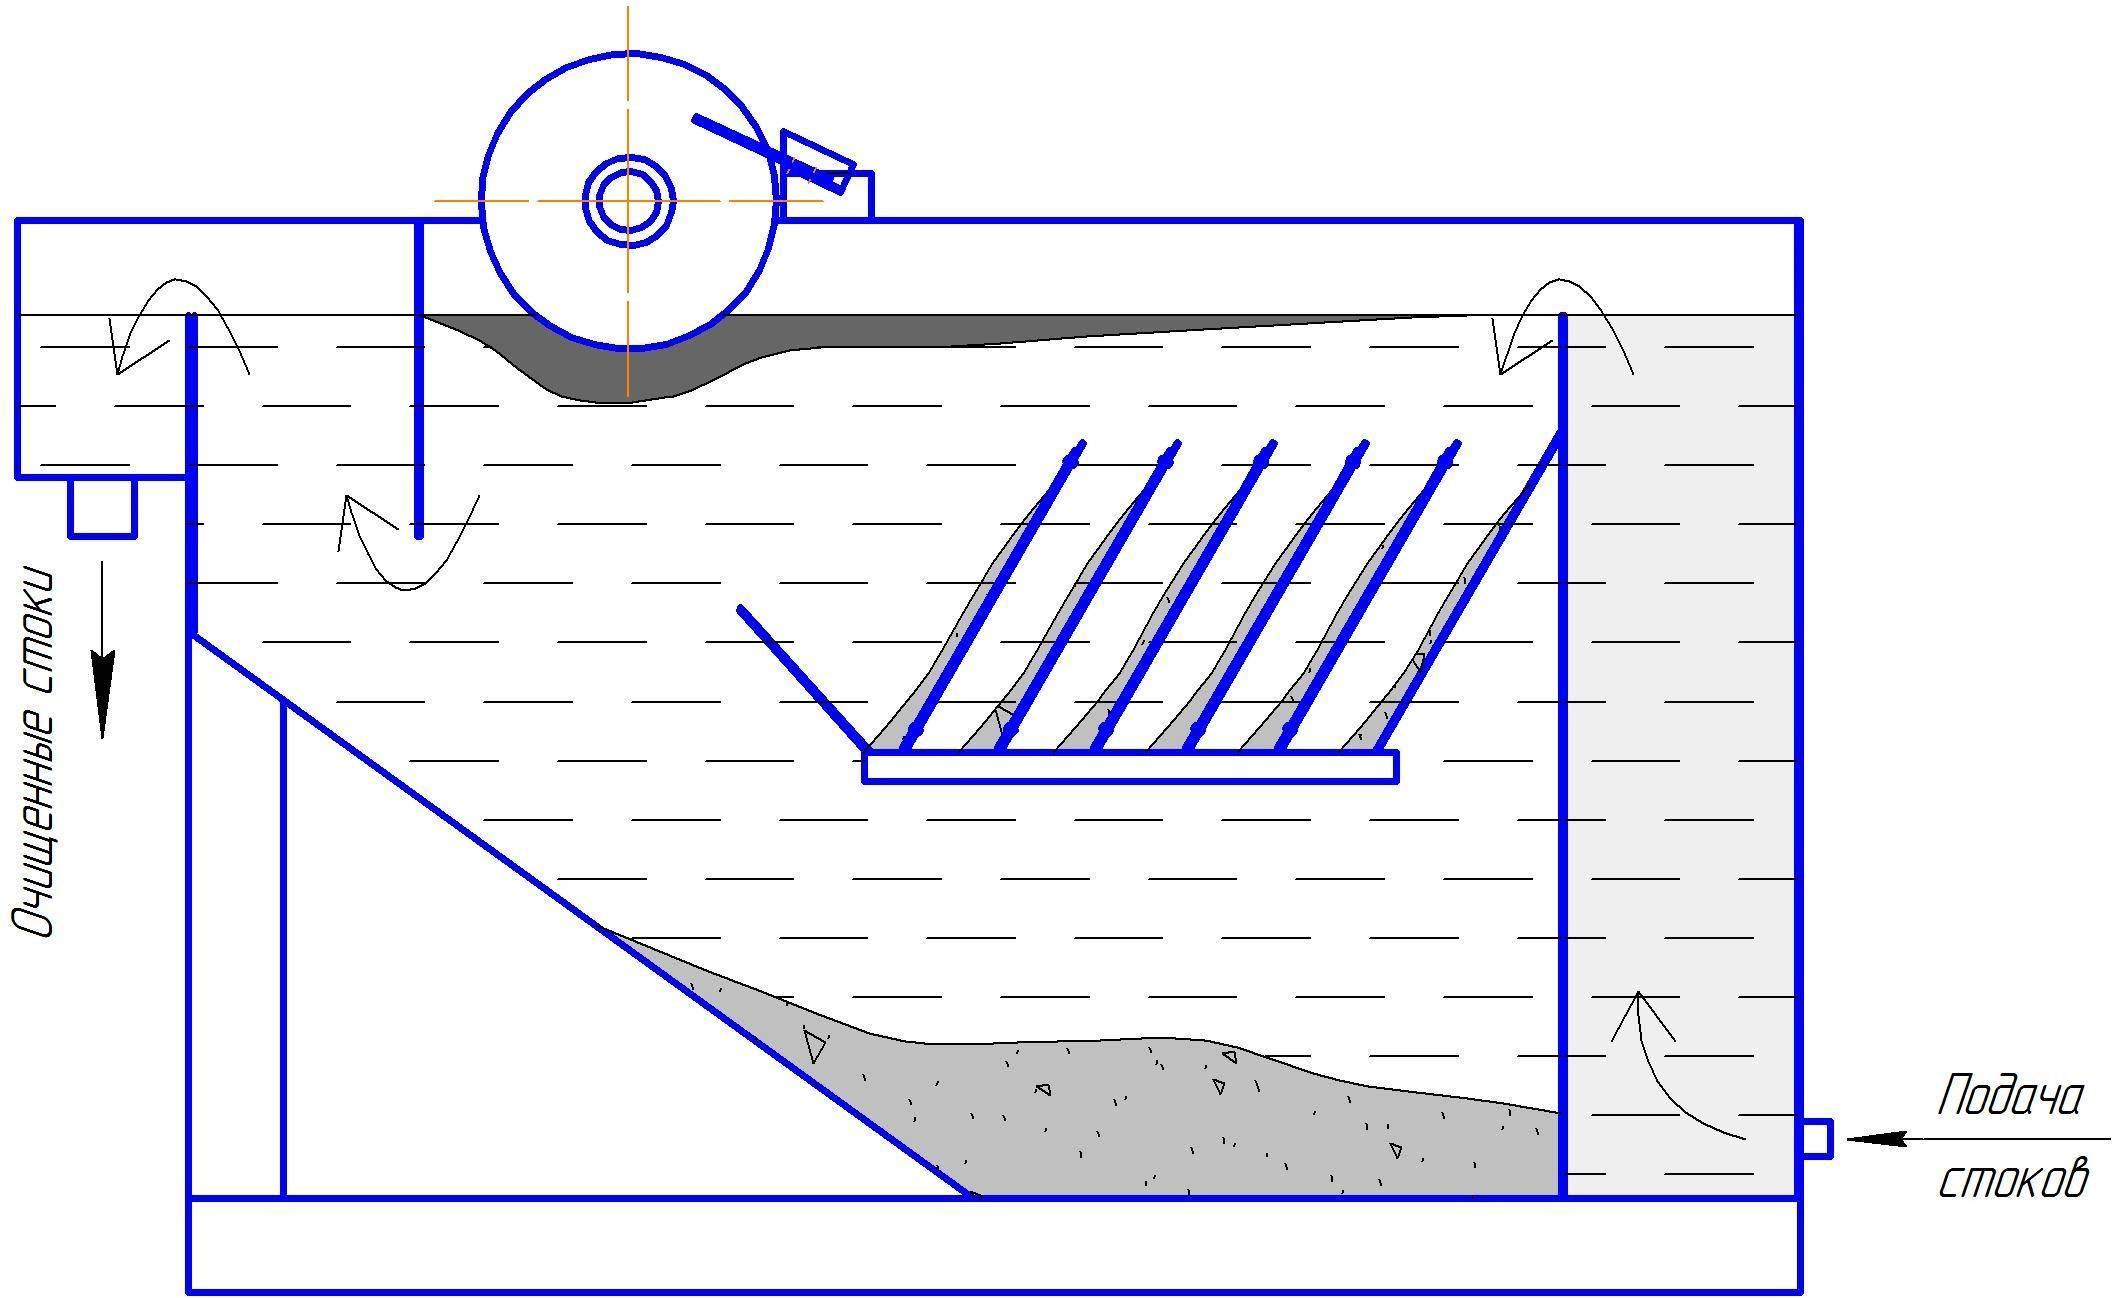 Нефтеловушка для очистки сточных вод от нефтепродуктов